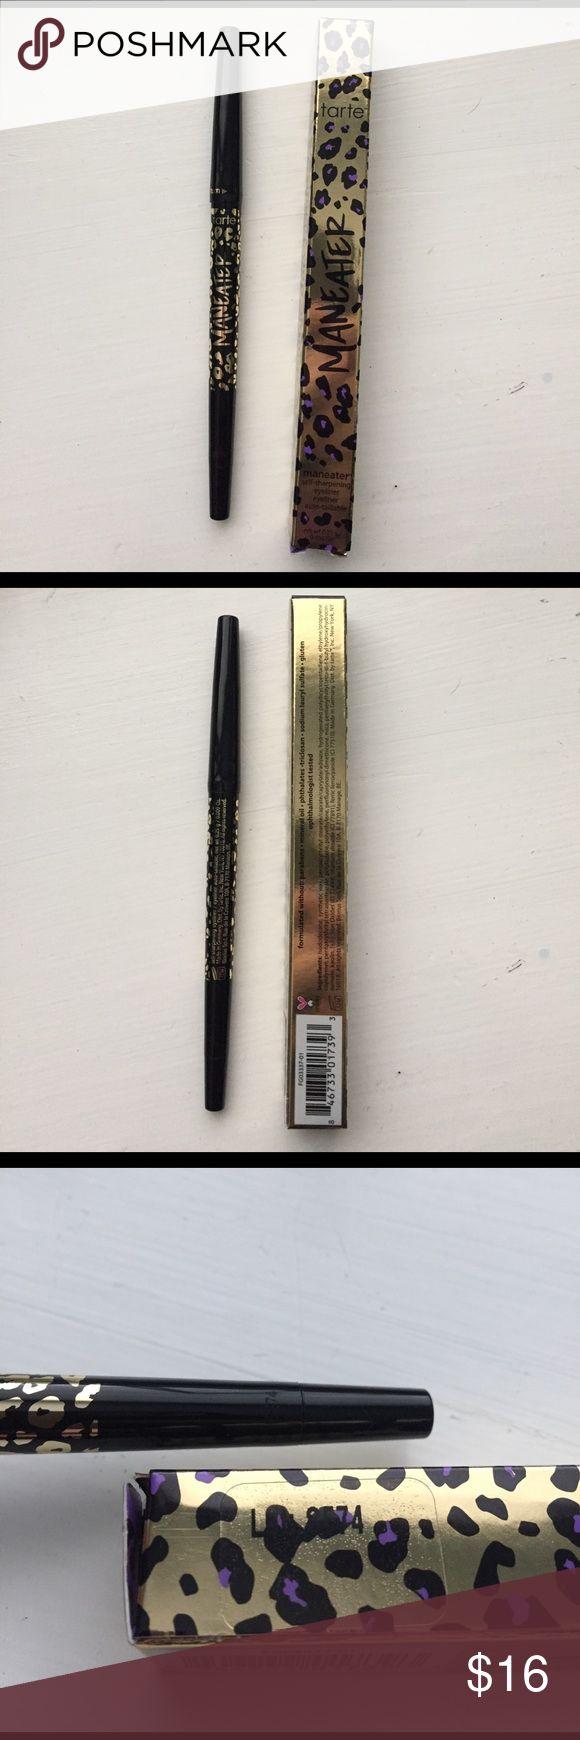 Tarte man eater eyeliner Maneater eyeliner! Brand new with box! 100% authentic! tarte Makeup Eyeliner